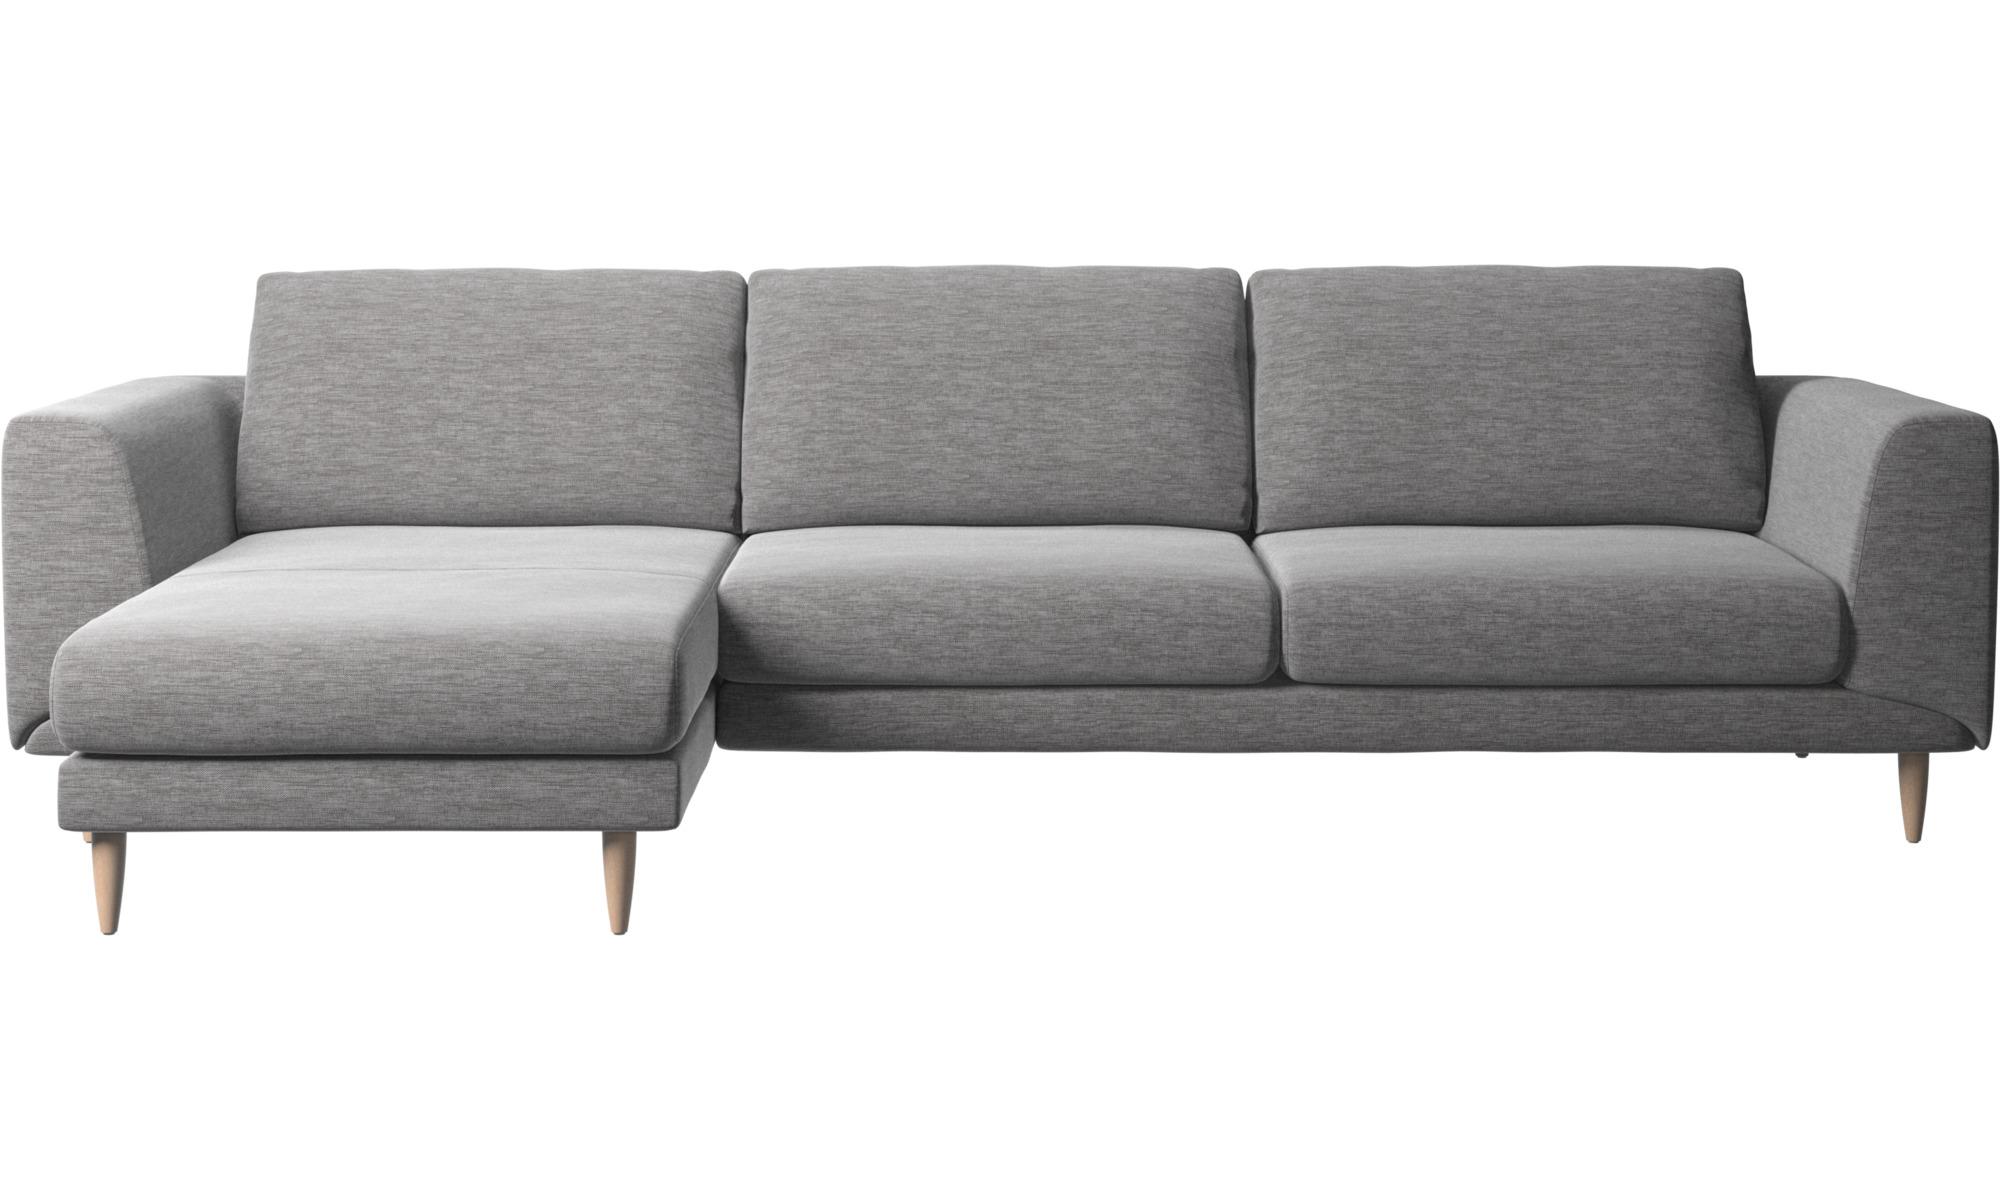 Canapés avec chaise longue - Canapé Fargo avec chaise longue - Gris - Tissu